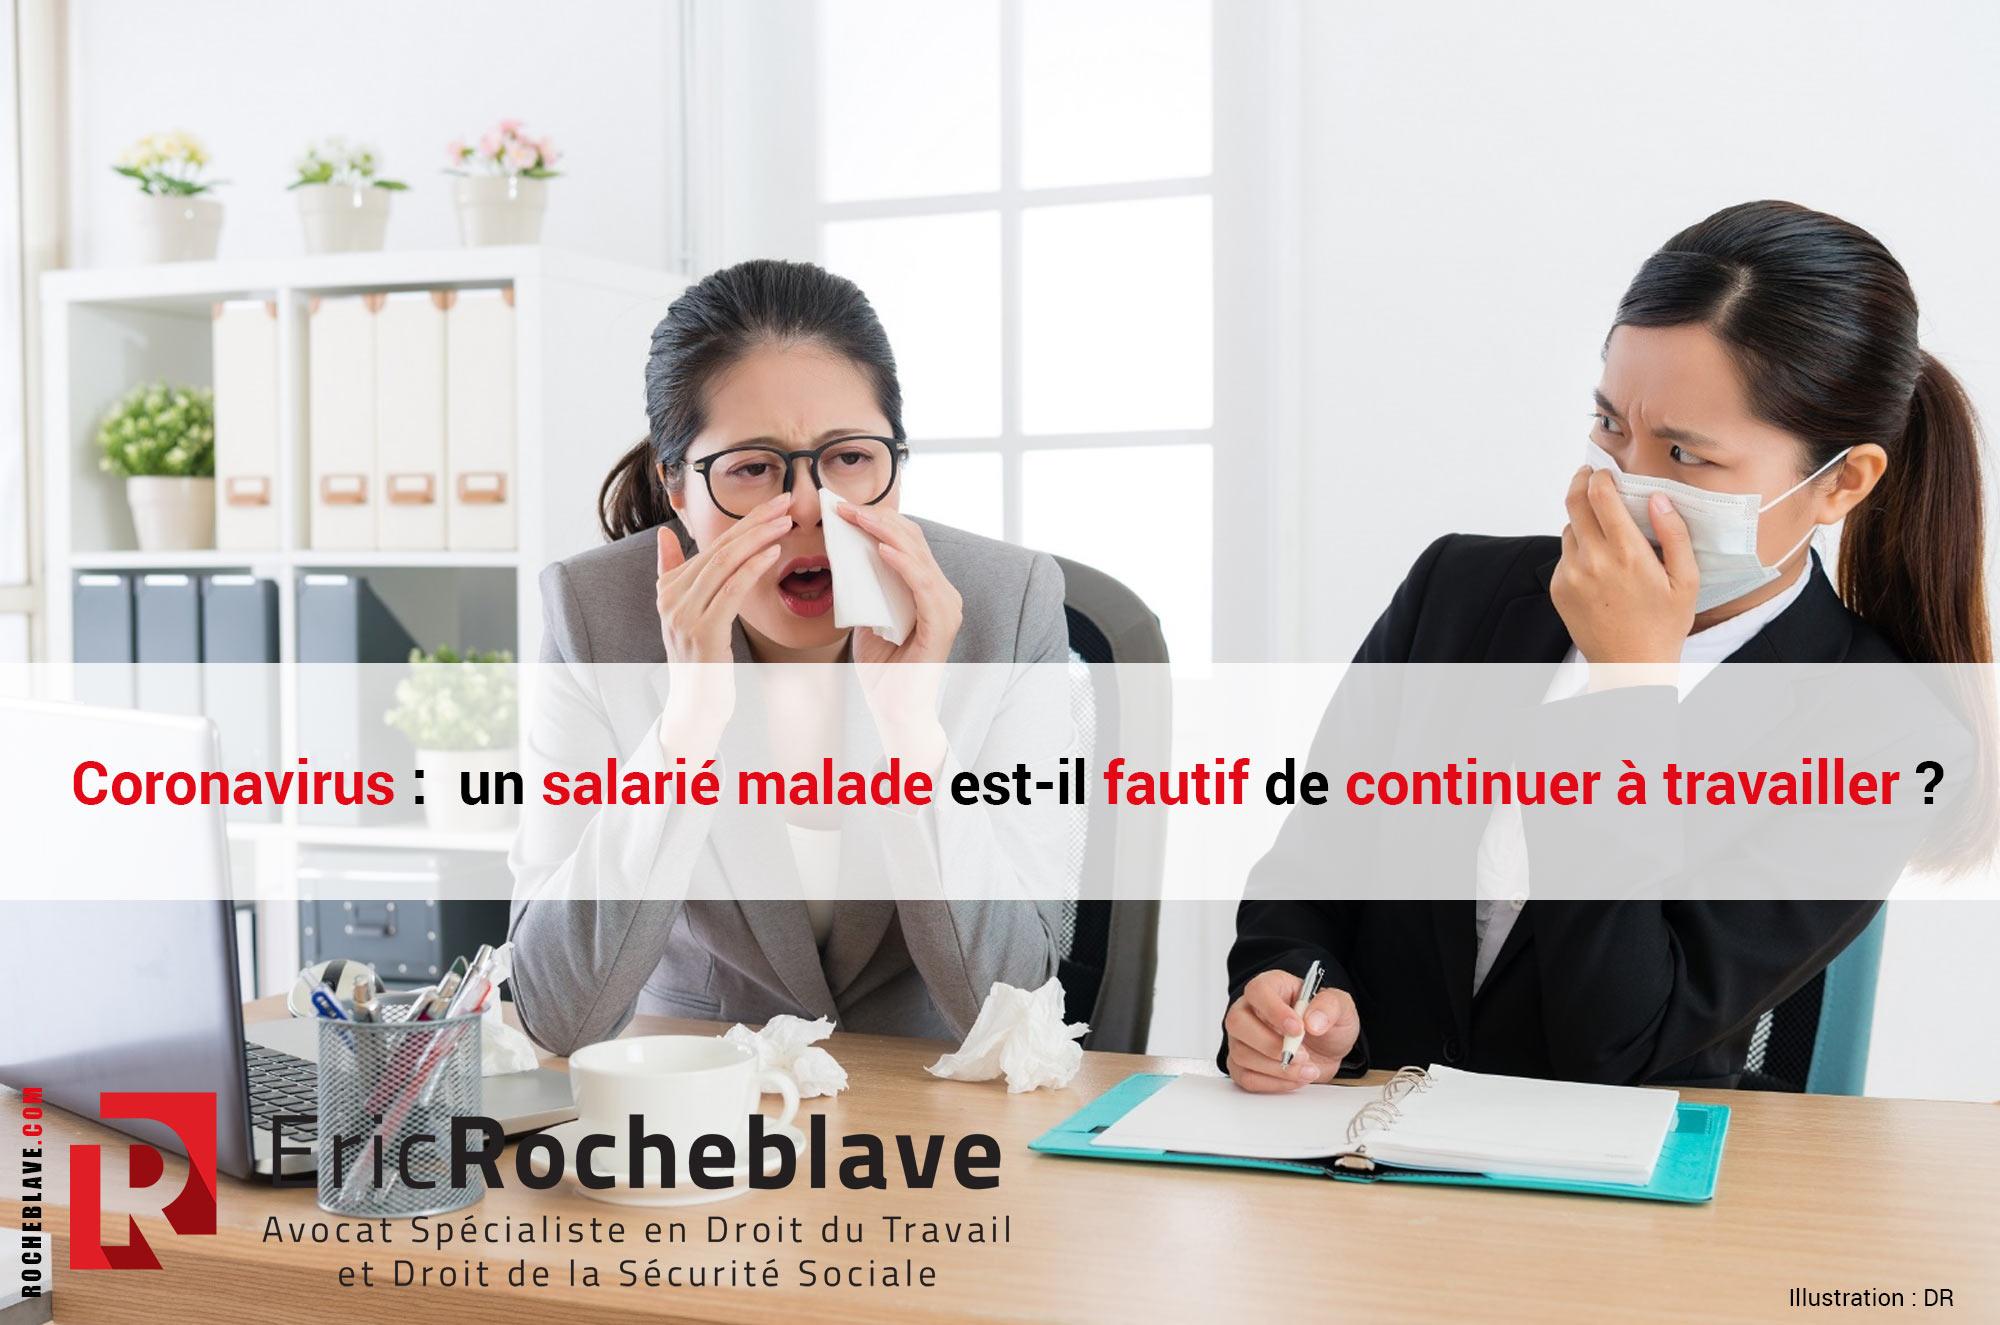 Coronavirus : un salarié malade est-il fautif de continuer à travailler ?